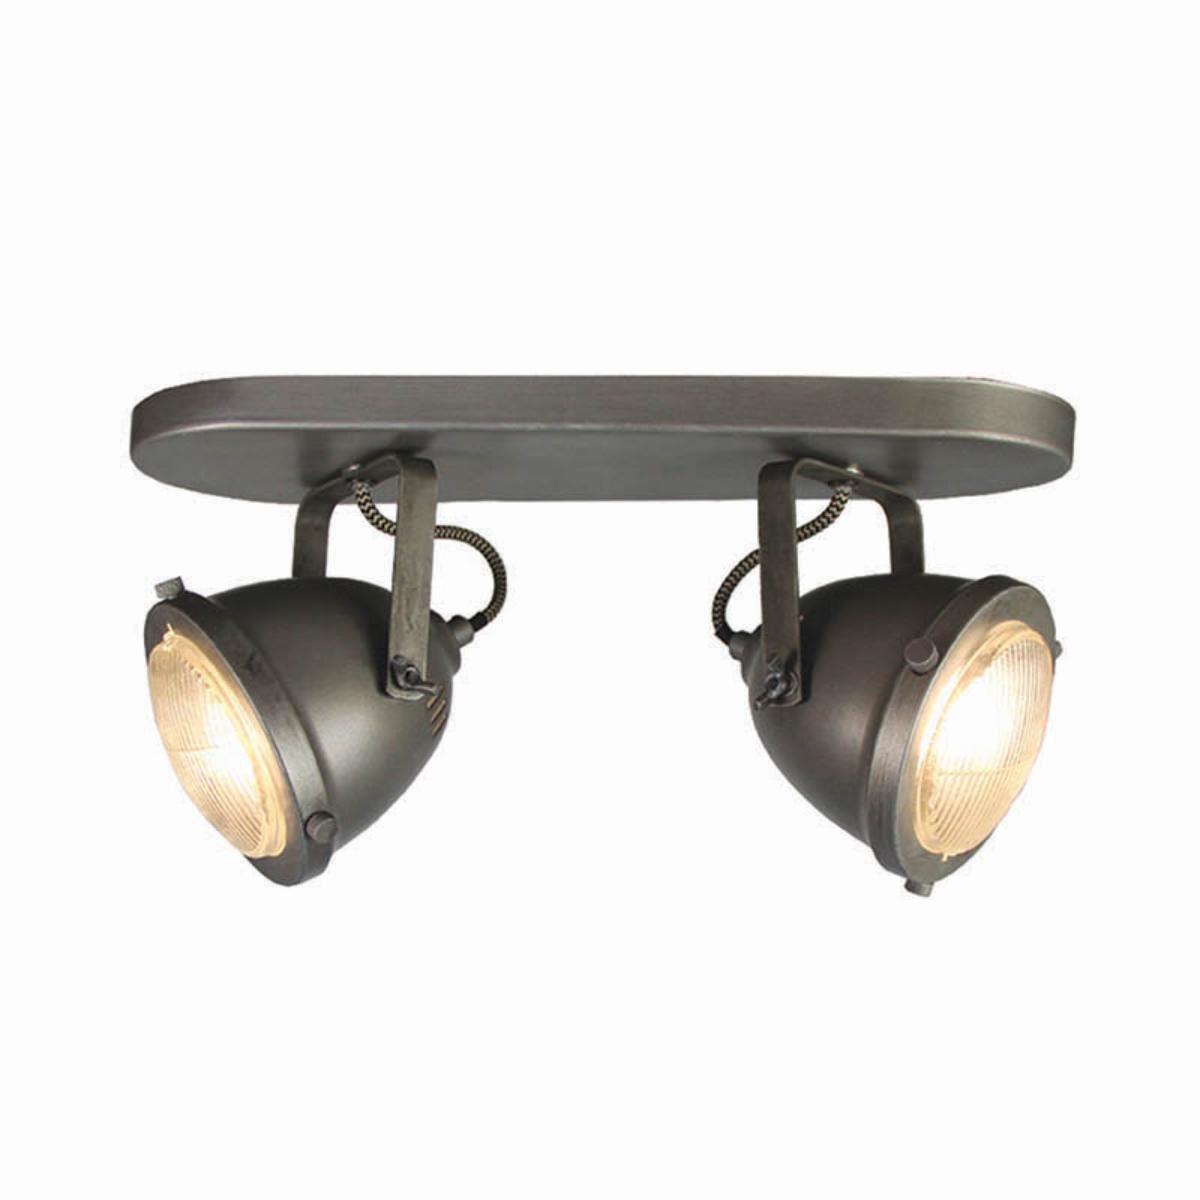 LABEL51 LED Spot 'Moto' 2-lichts, kleur Burned Steel